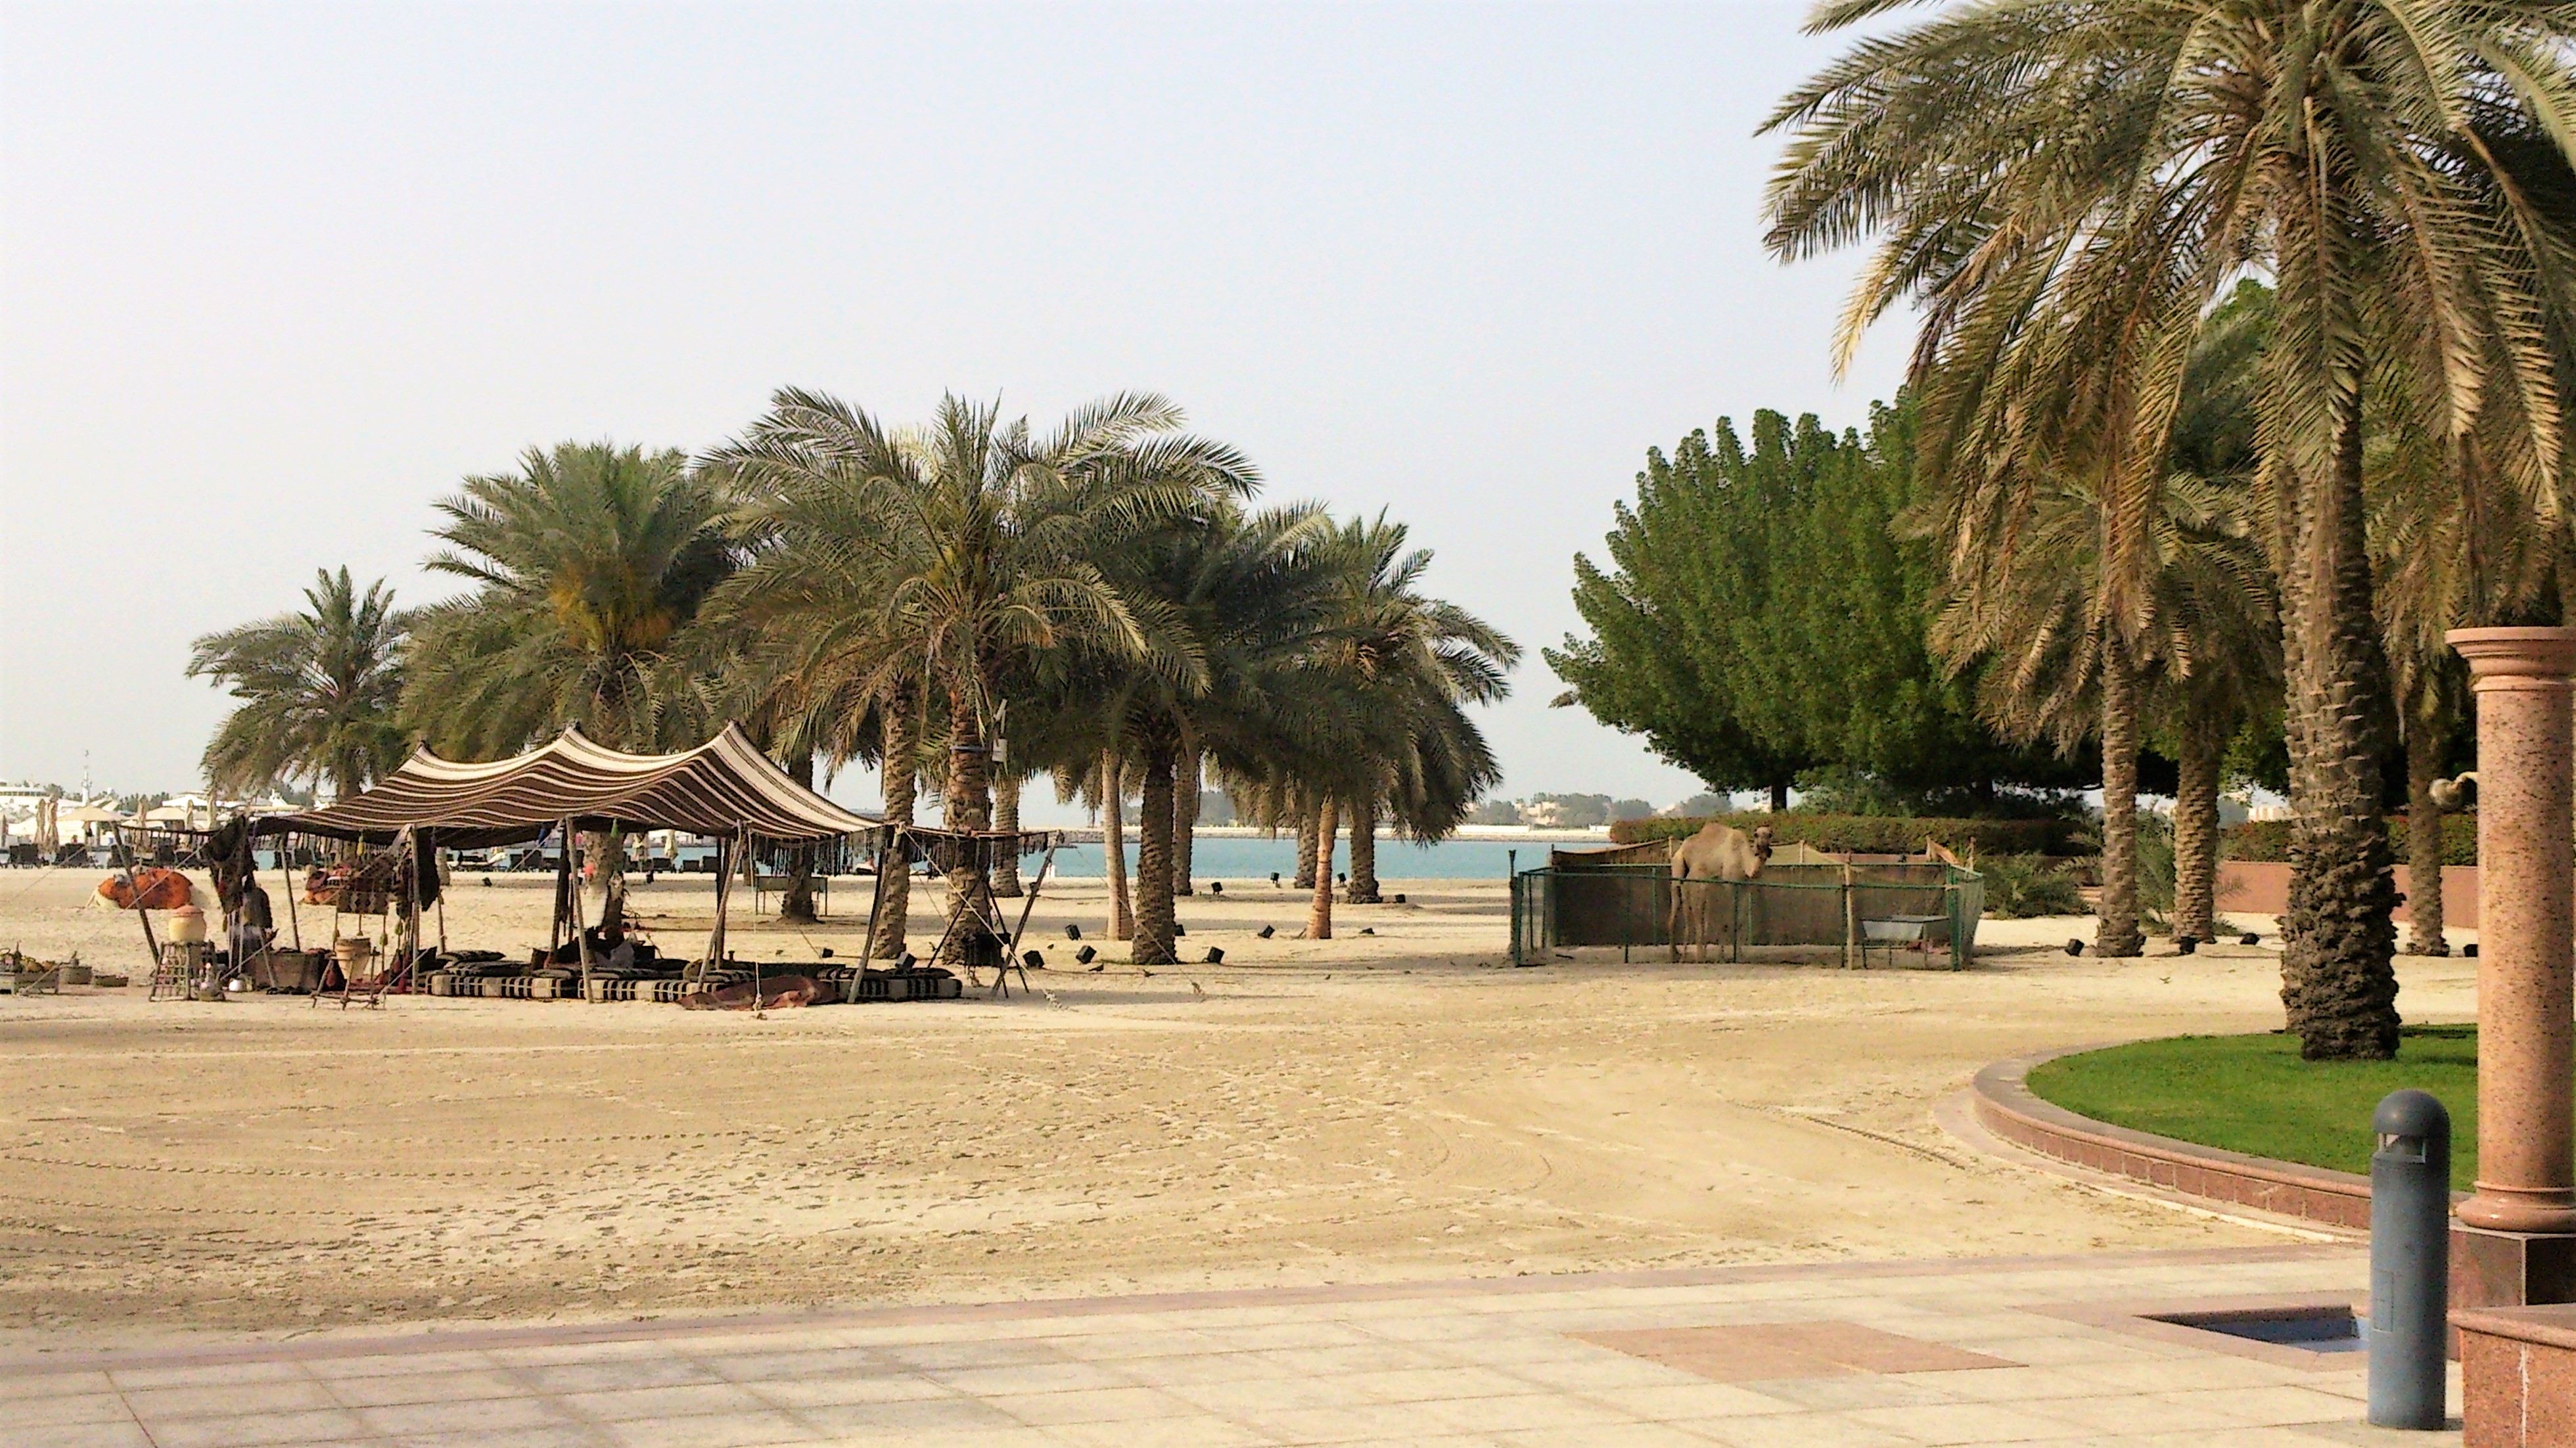 replica of the desert village